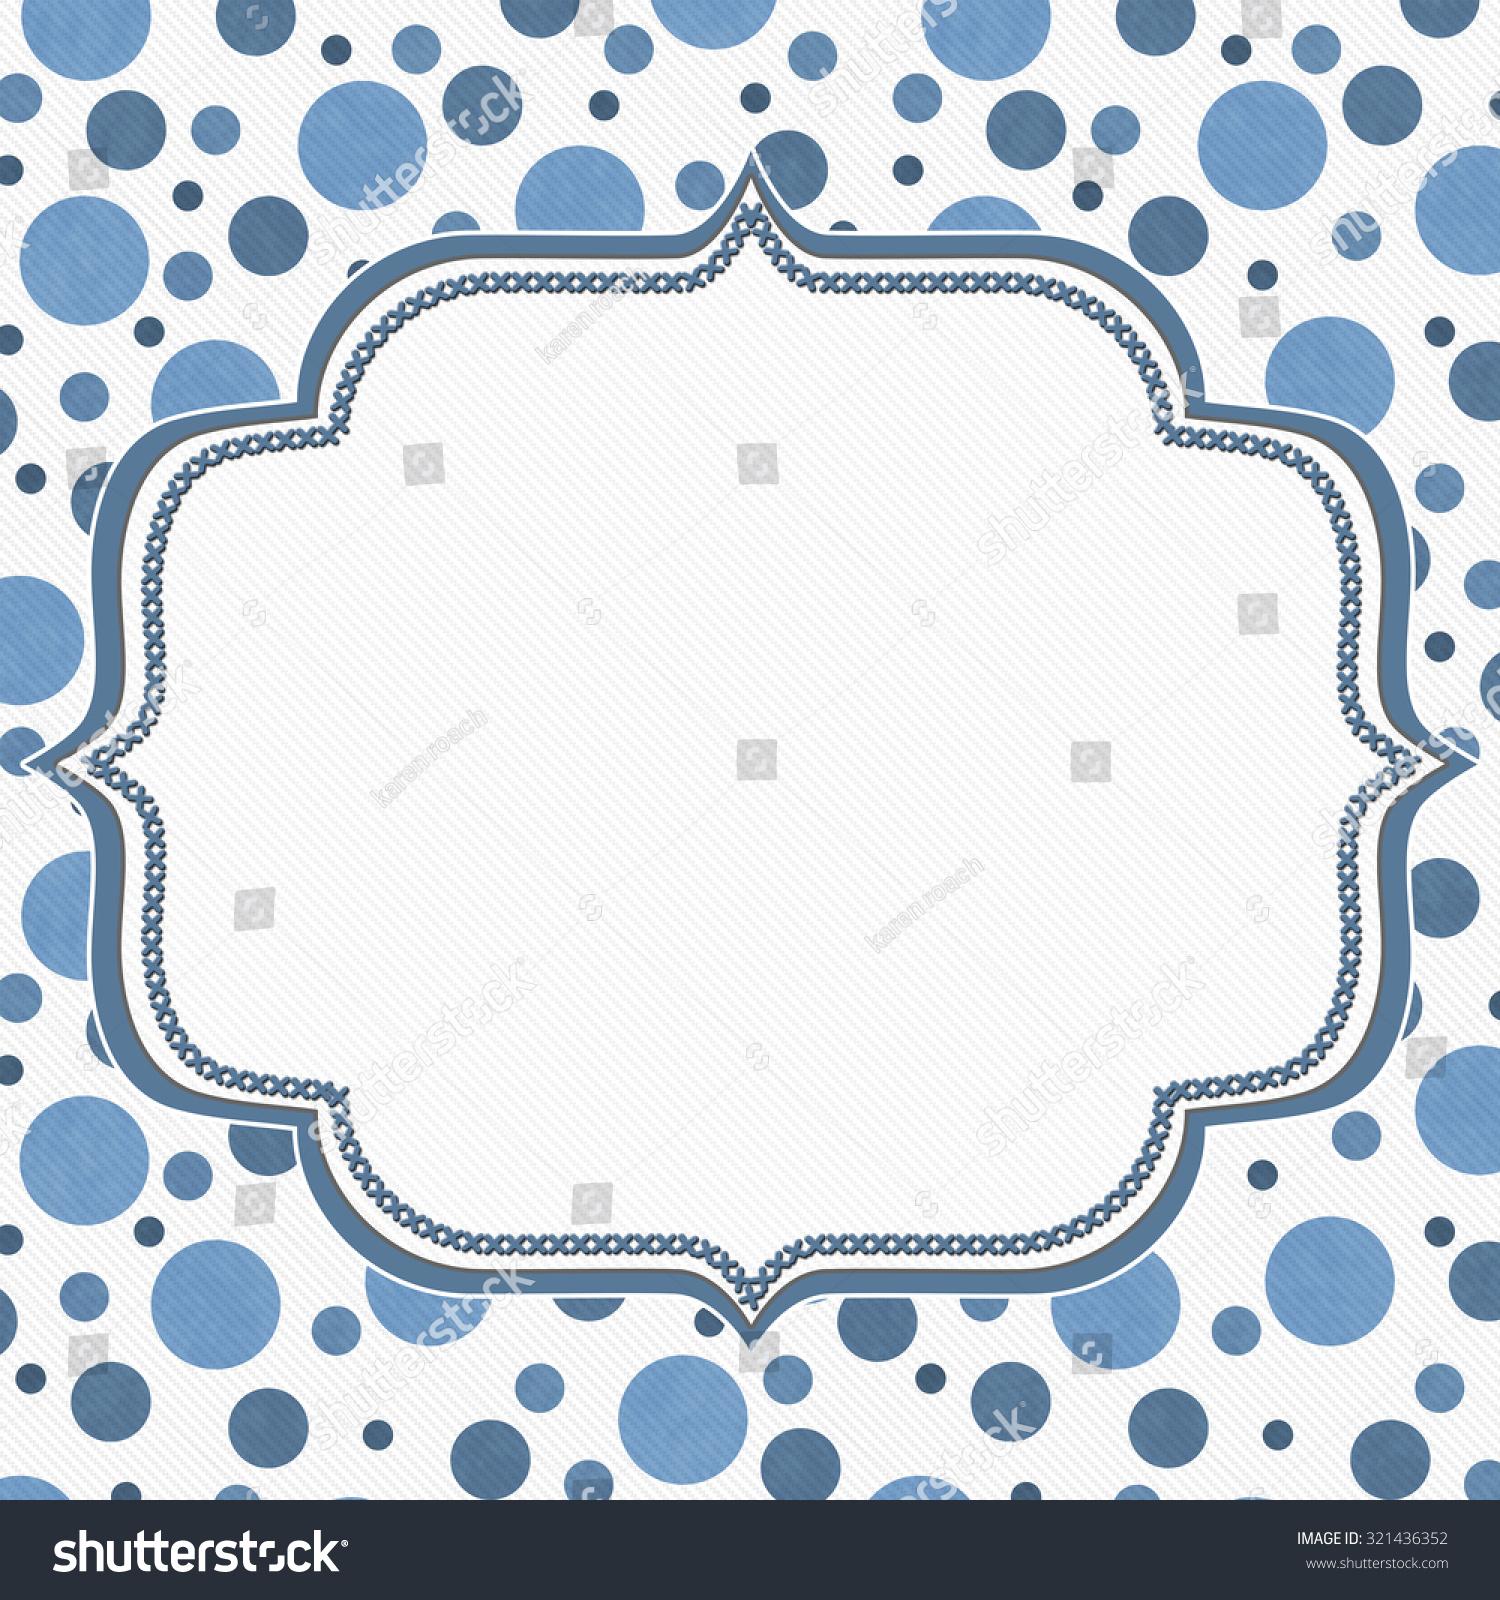 Blue White Polka Dot Frame Embroidery Stock Illustration 321436352 ...